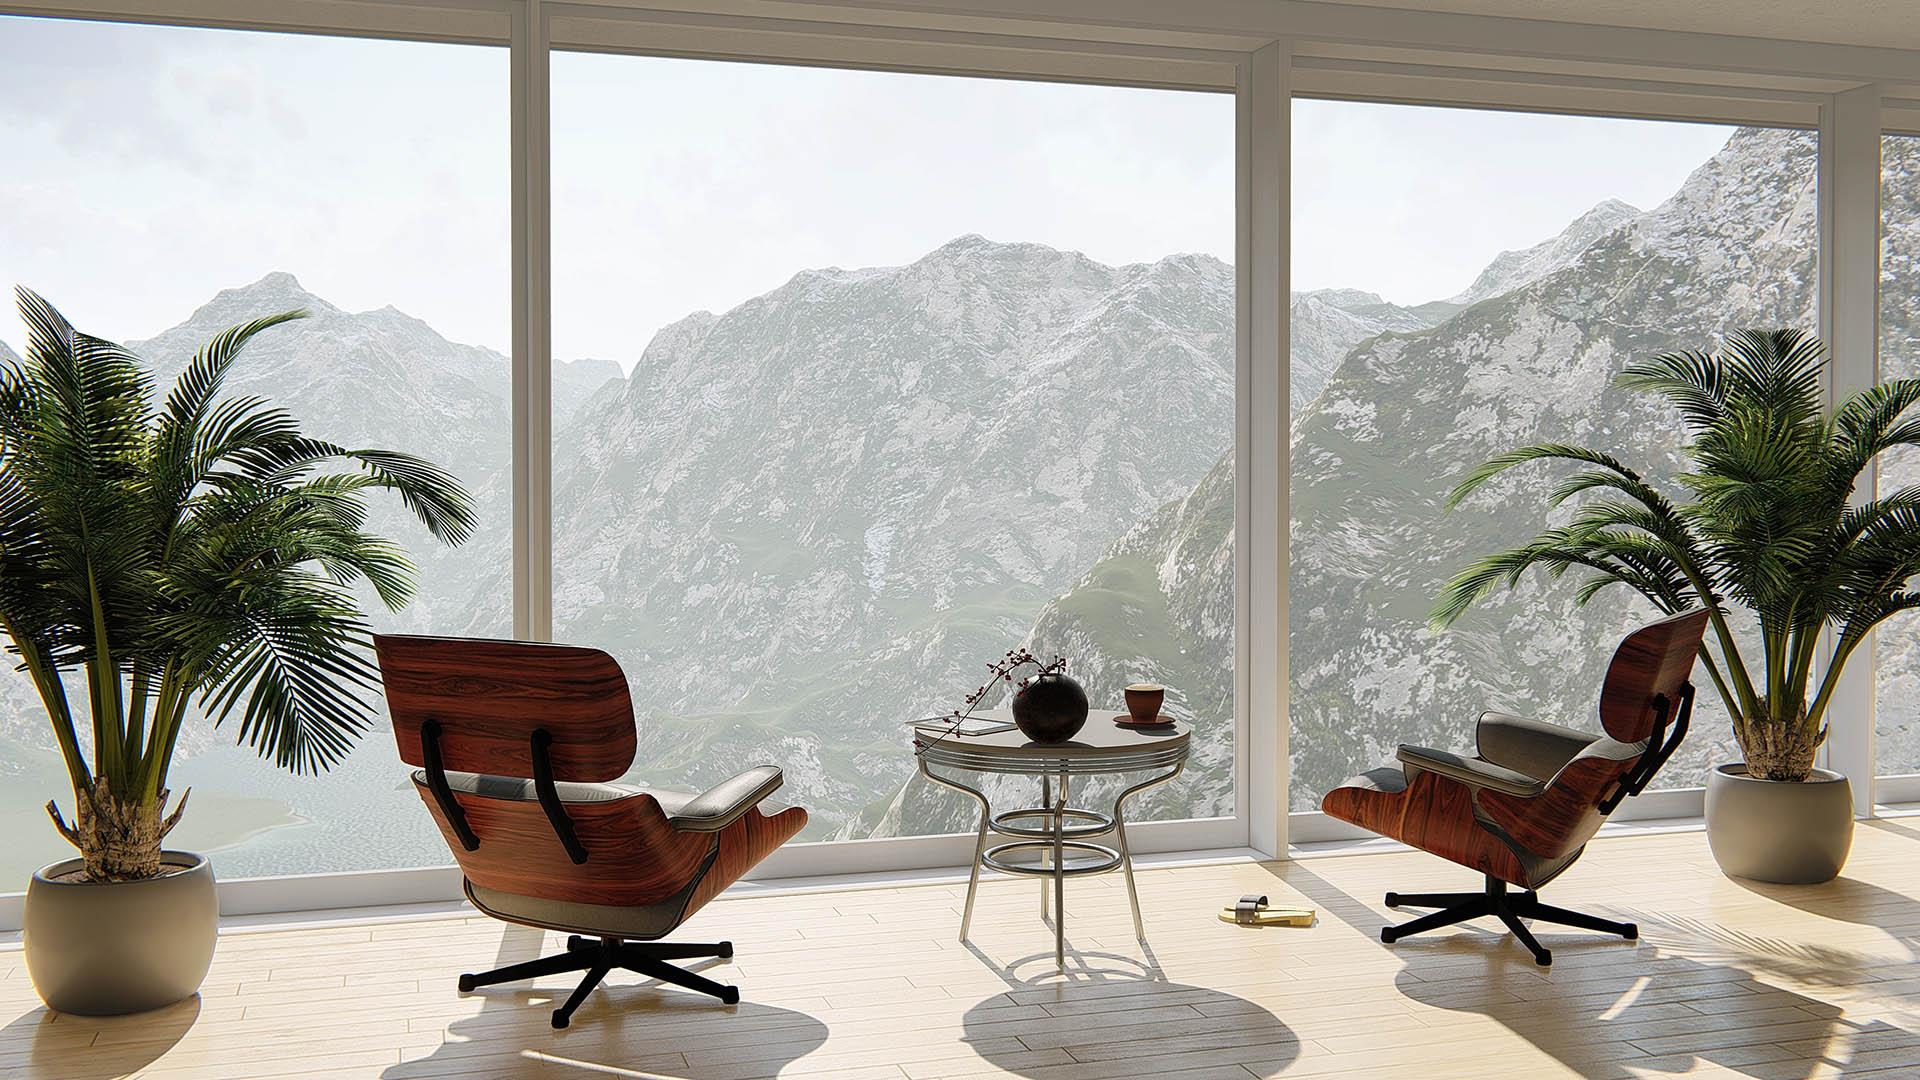 seonda-casa-vacanza-magazine-immobiliare-morabito-2.jpg